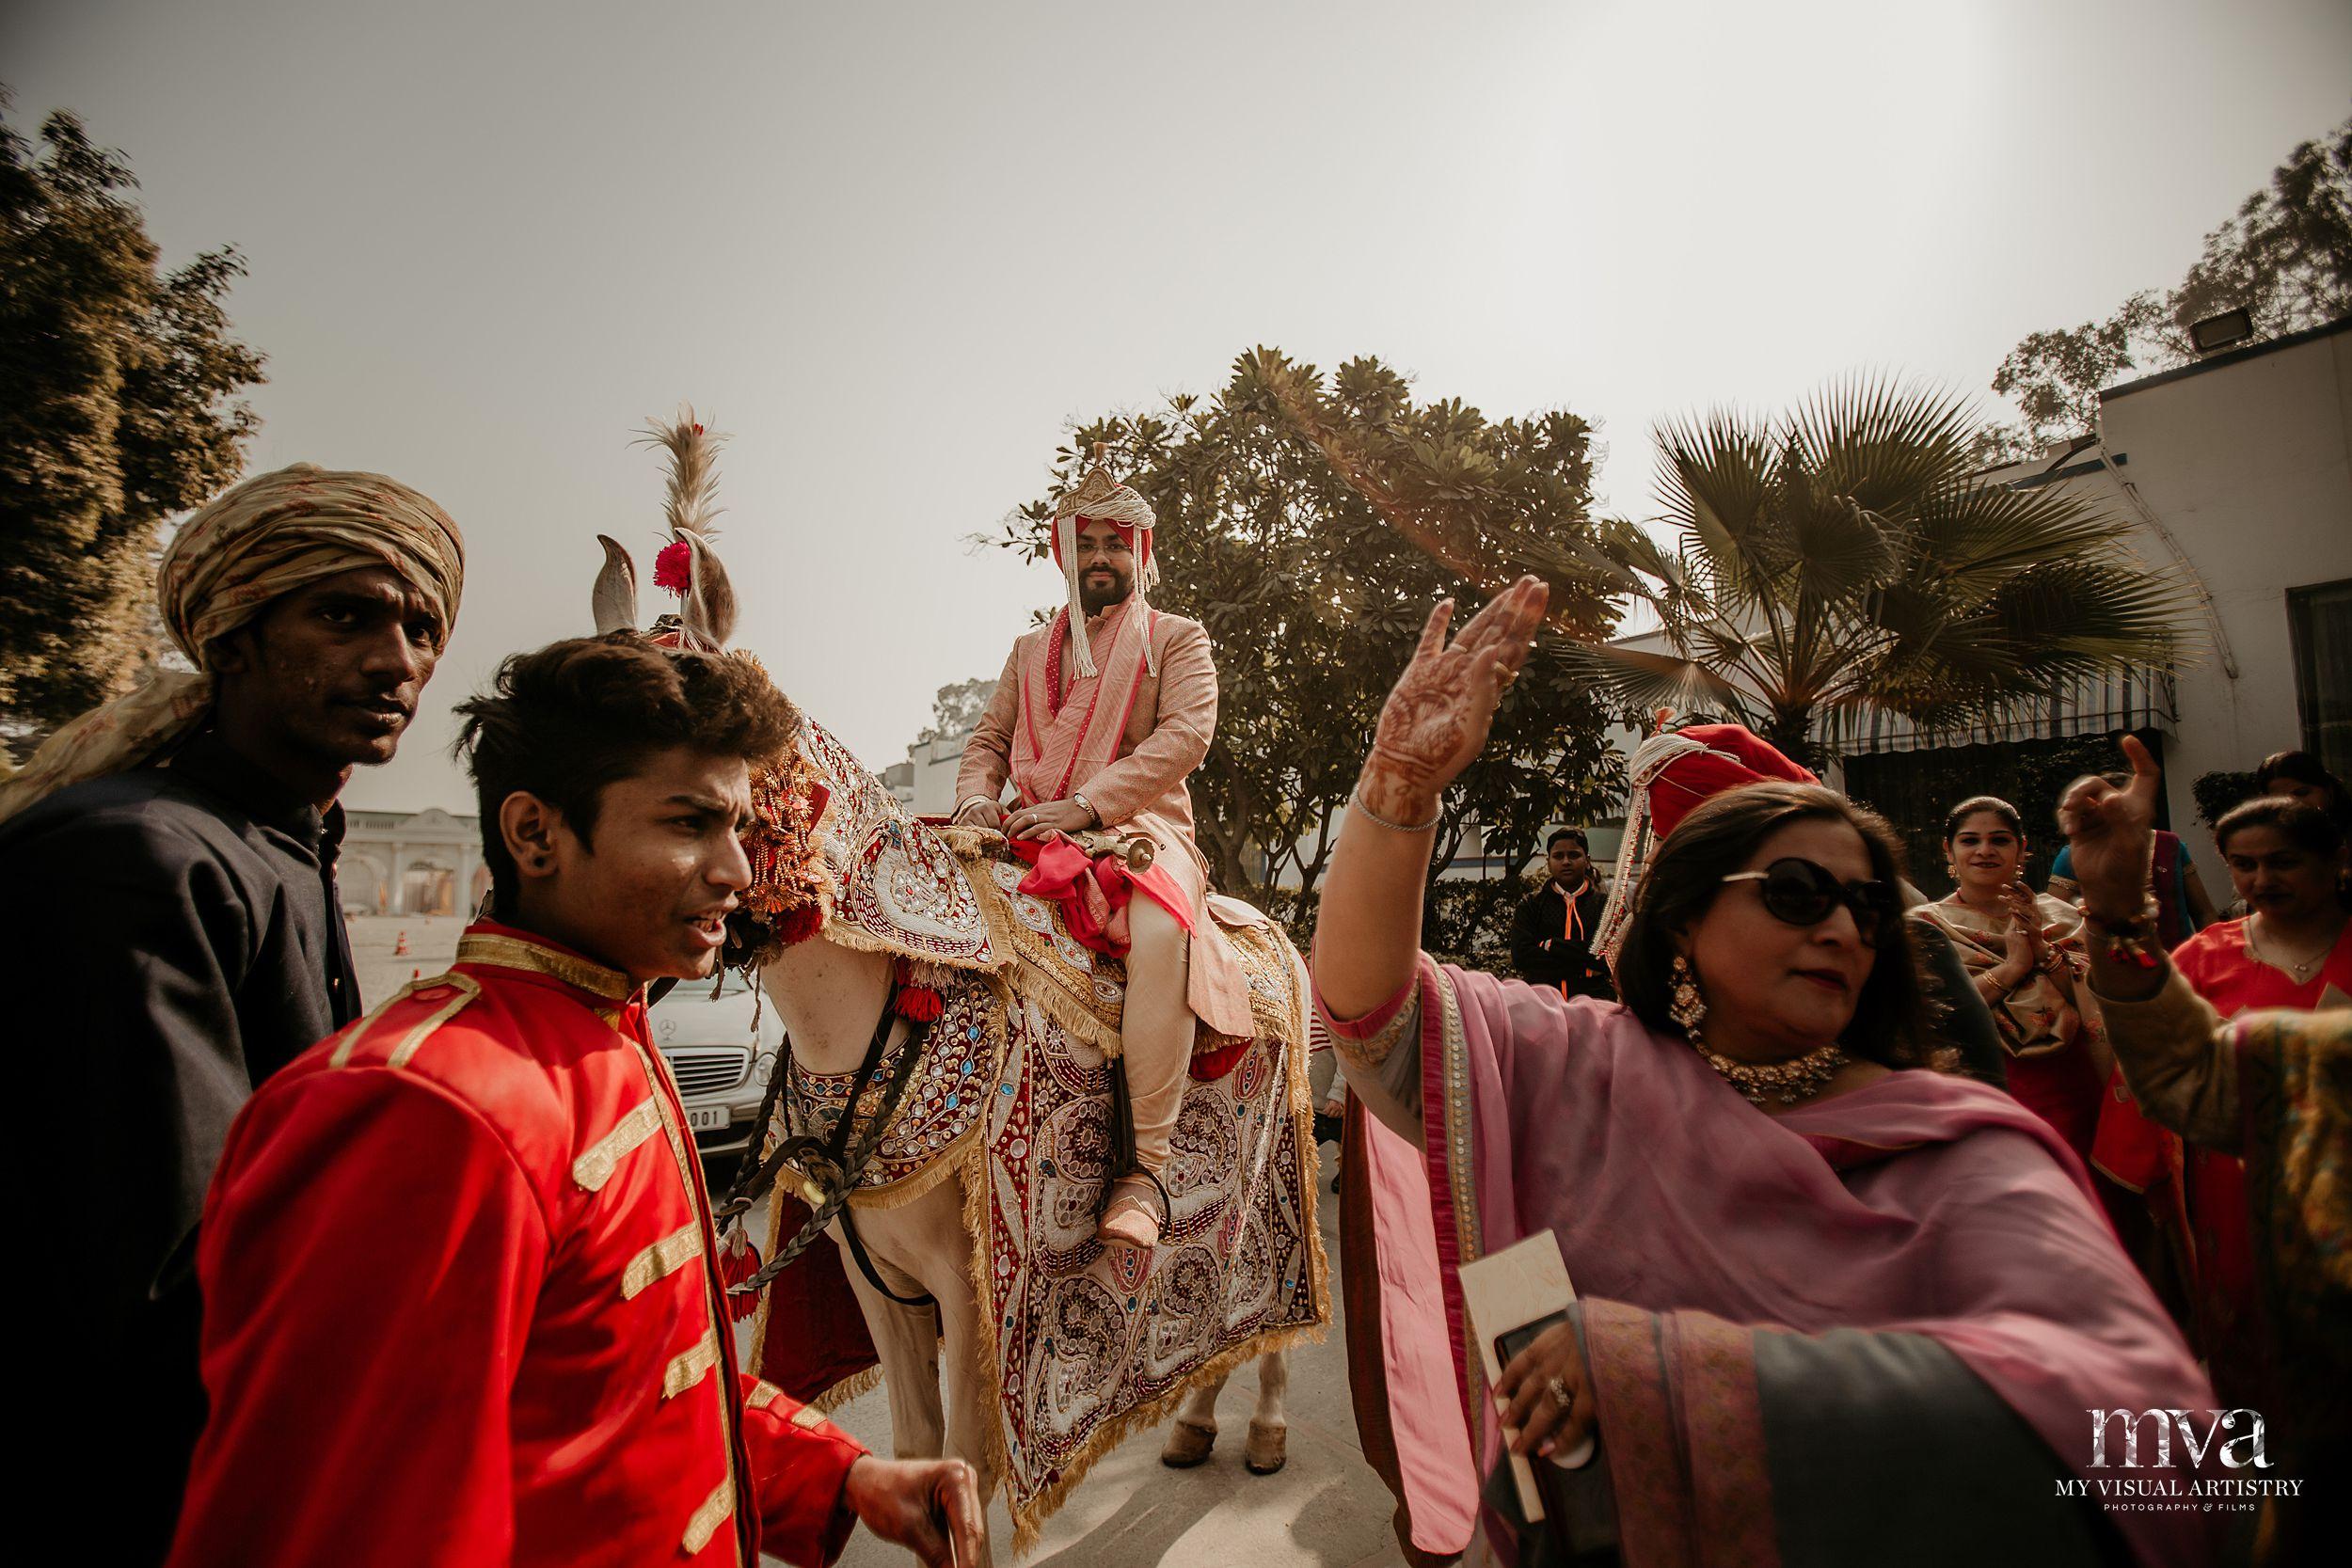 anant_arundhati_myvisualartistry_mva_wedding_sikh_ - 251.jpg